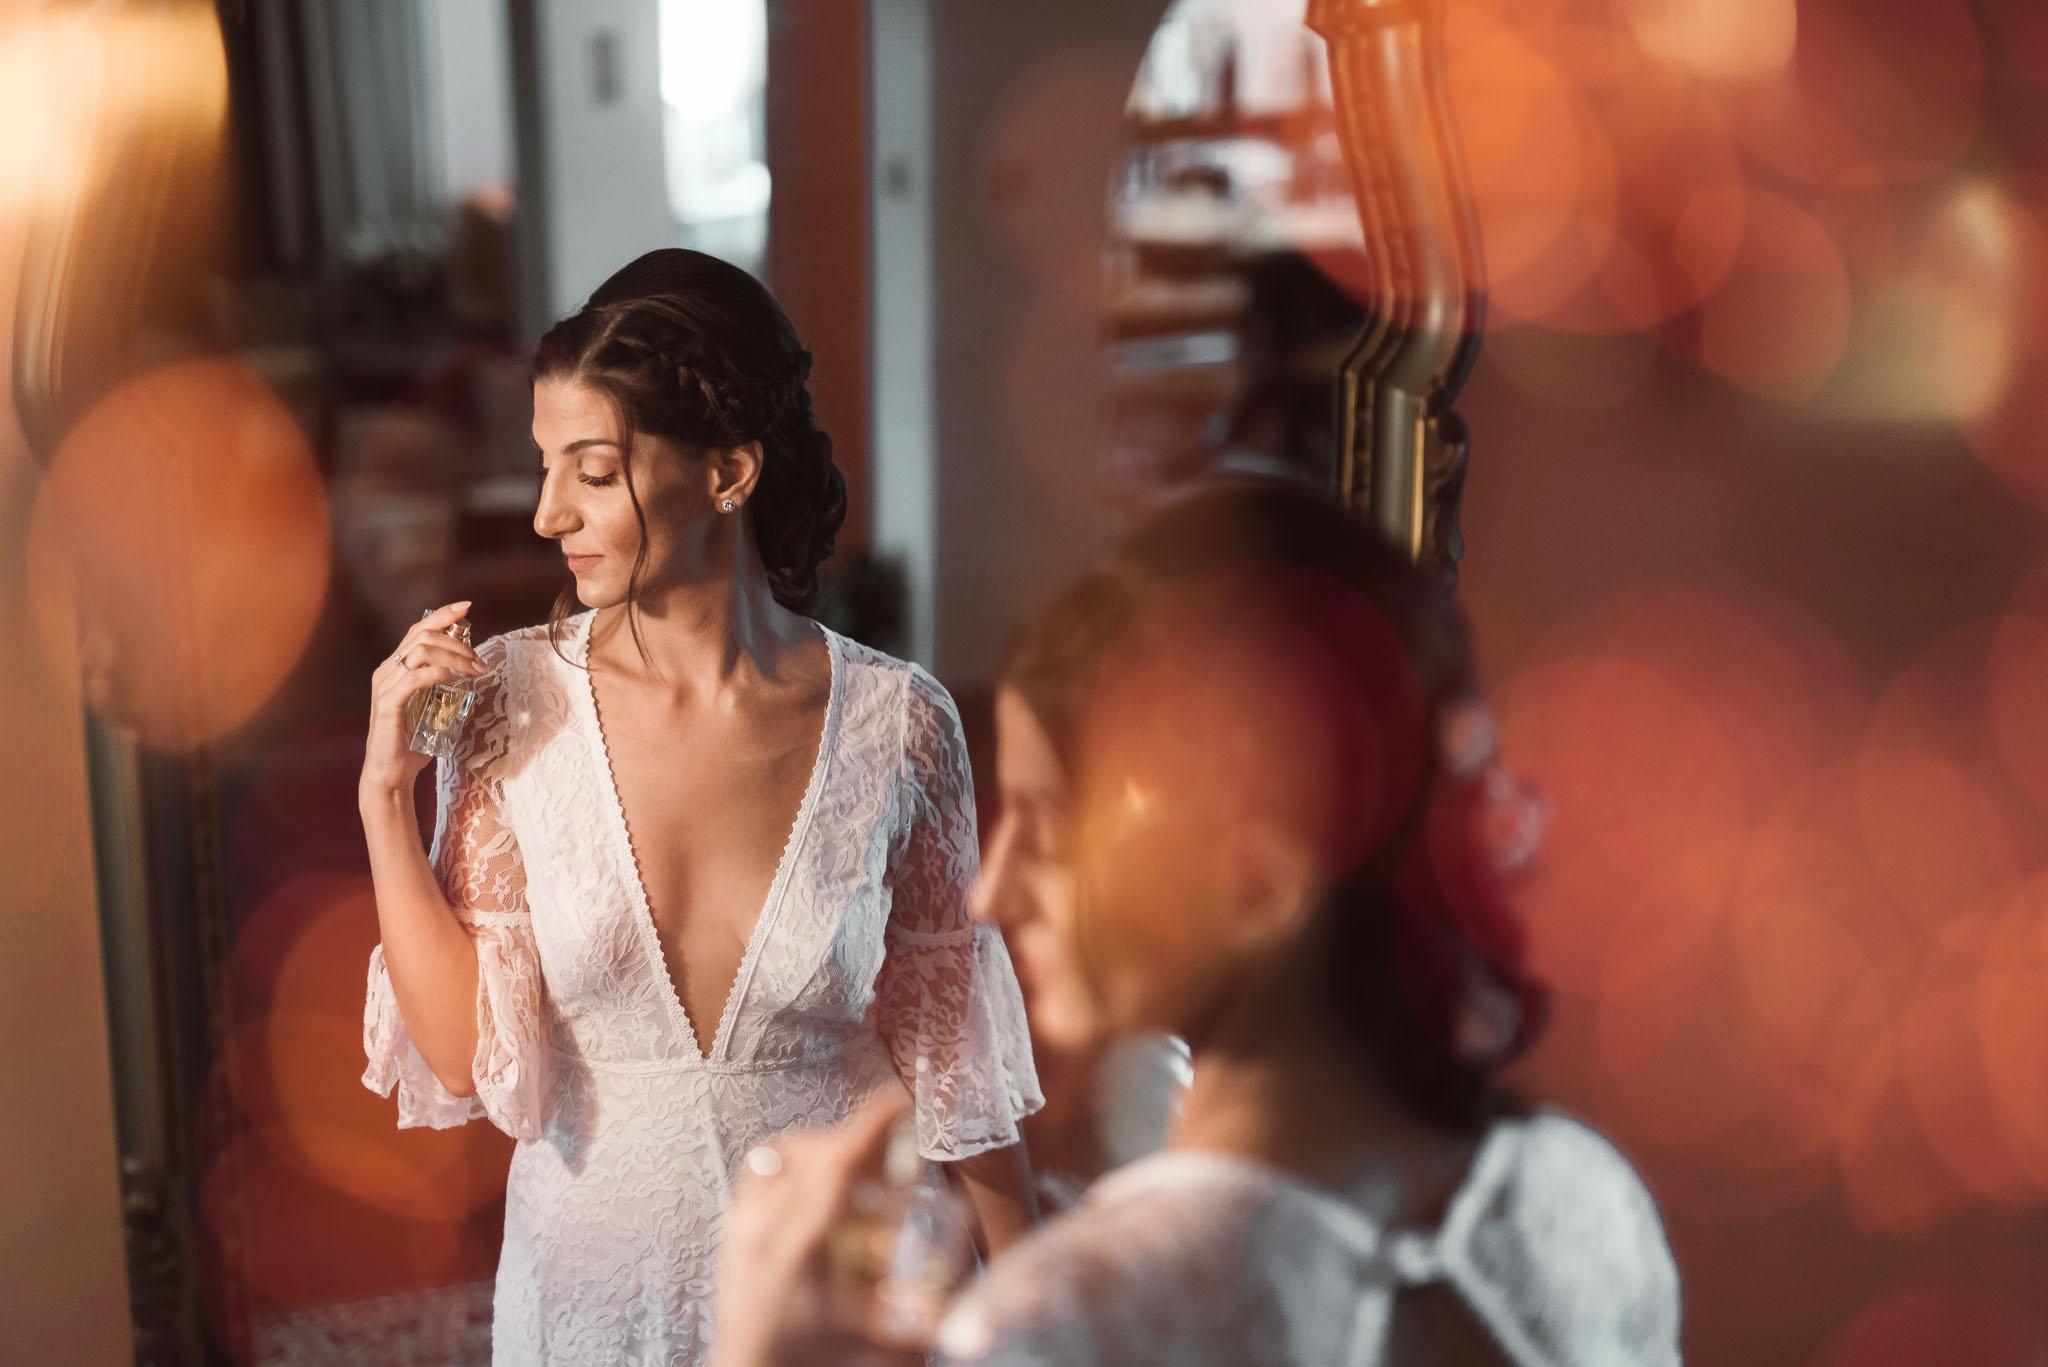 νύφη make up και προετοιμασία - οργάνωση γάμου